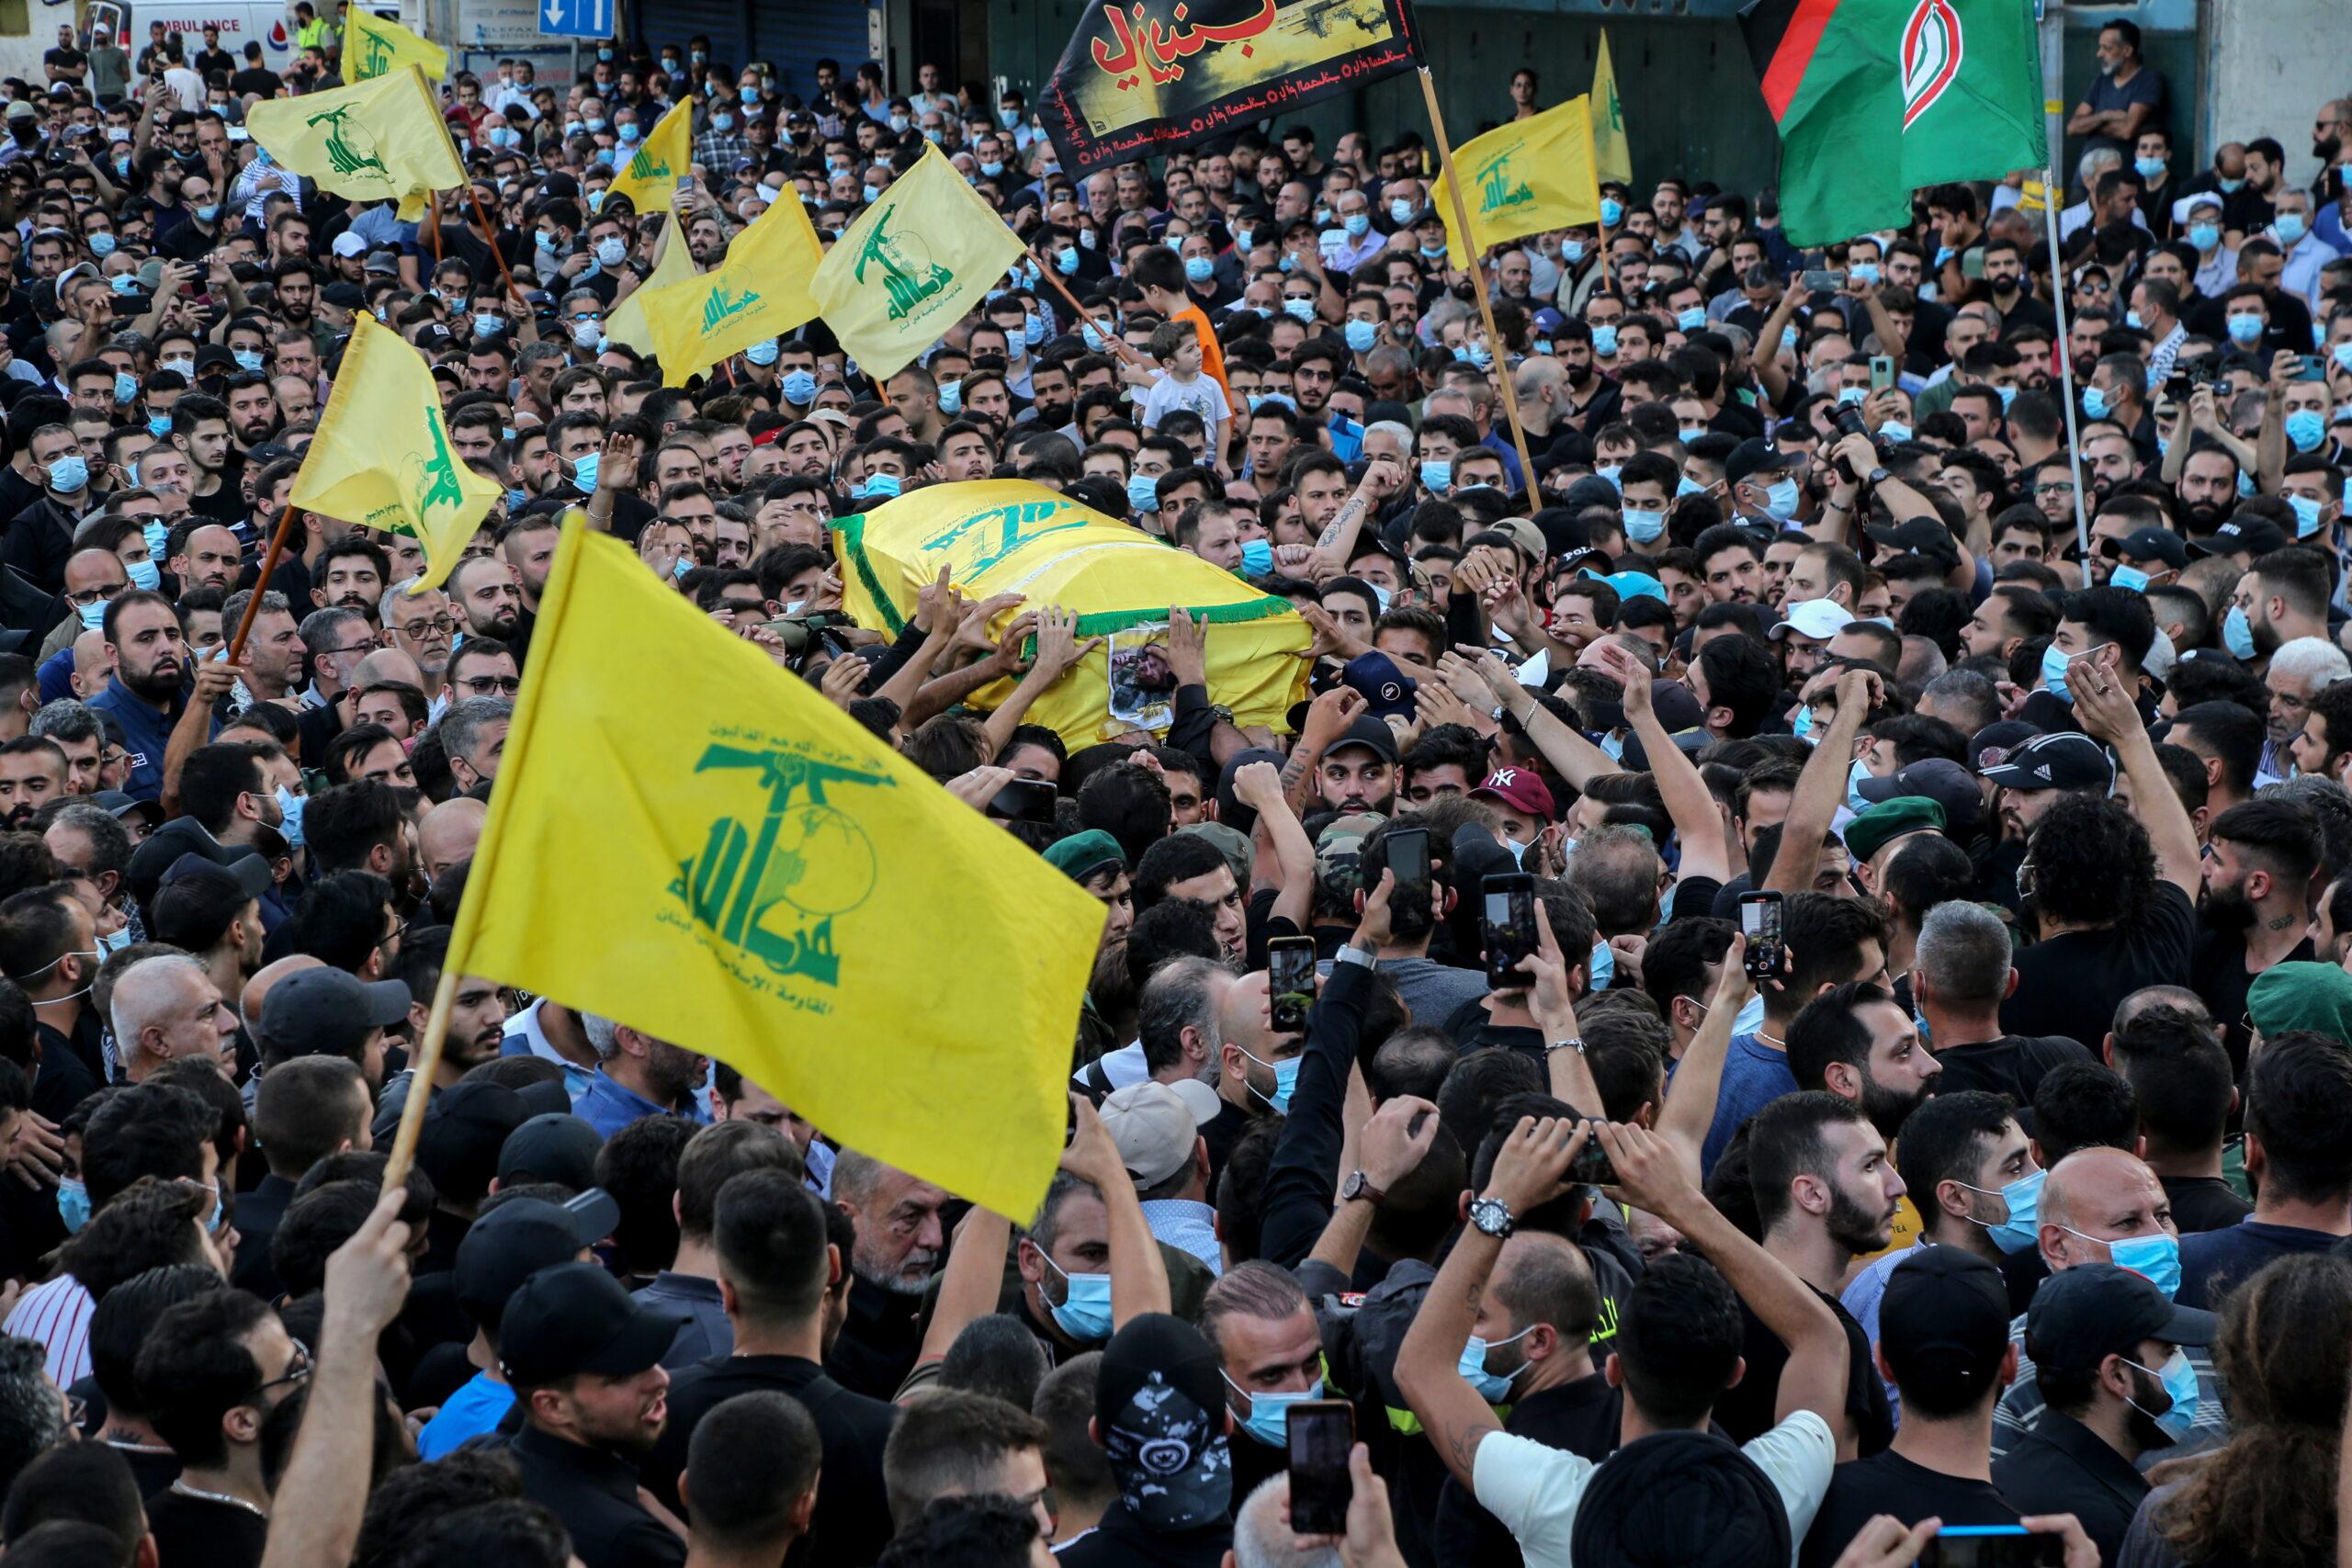 Polgárháborús hangulat Libanonban, egymásnak feszülnek a keresztény és síita frakciók